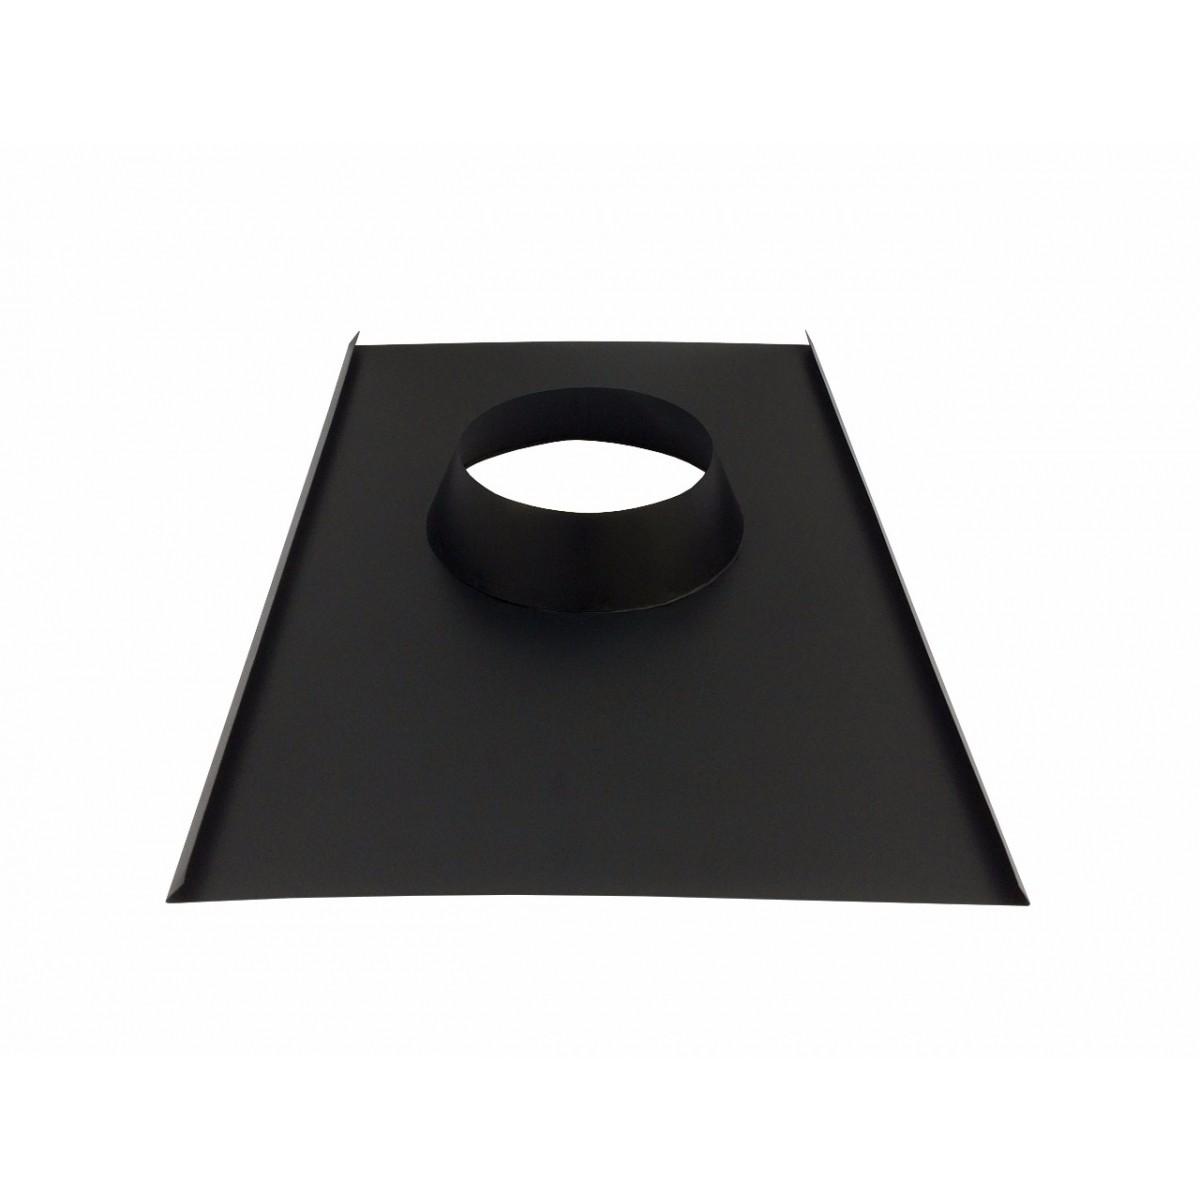 Rufo colarinho de telhado preto para chaminé de 100 mm de diâmetro  - Galvocalhas